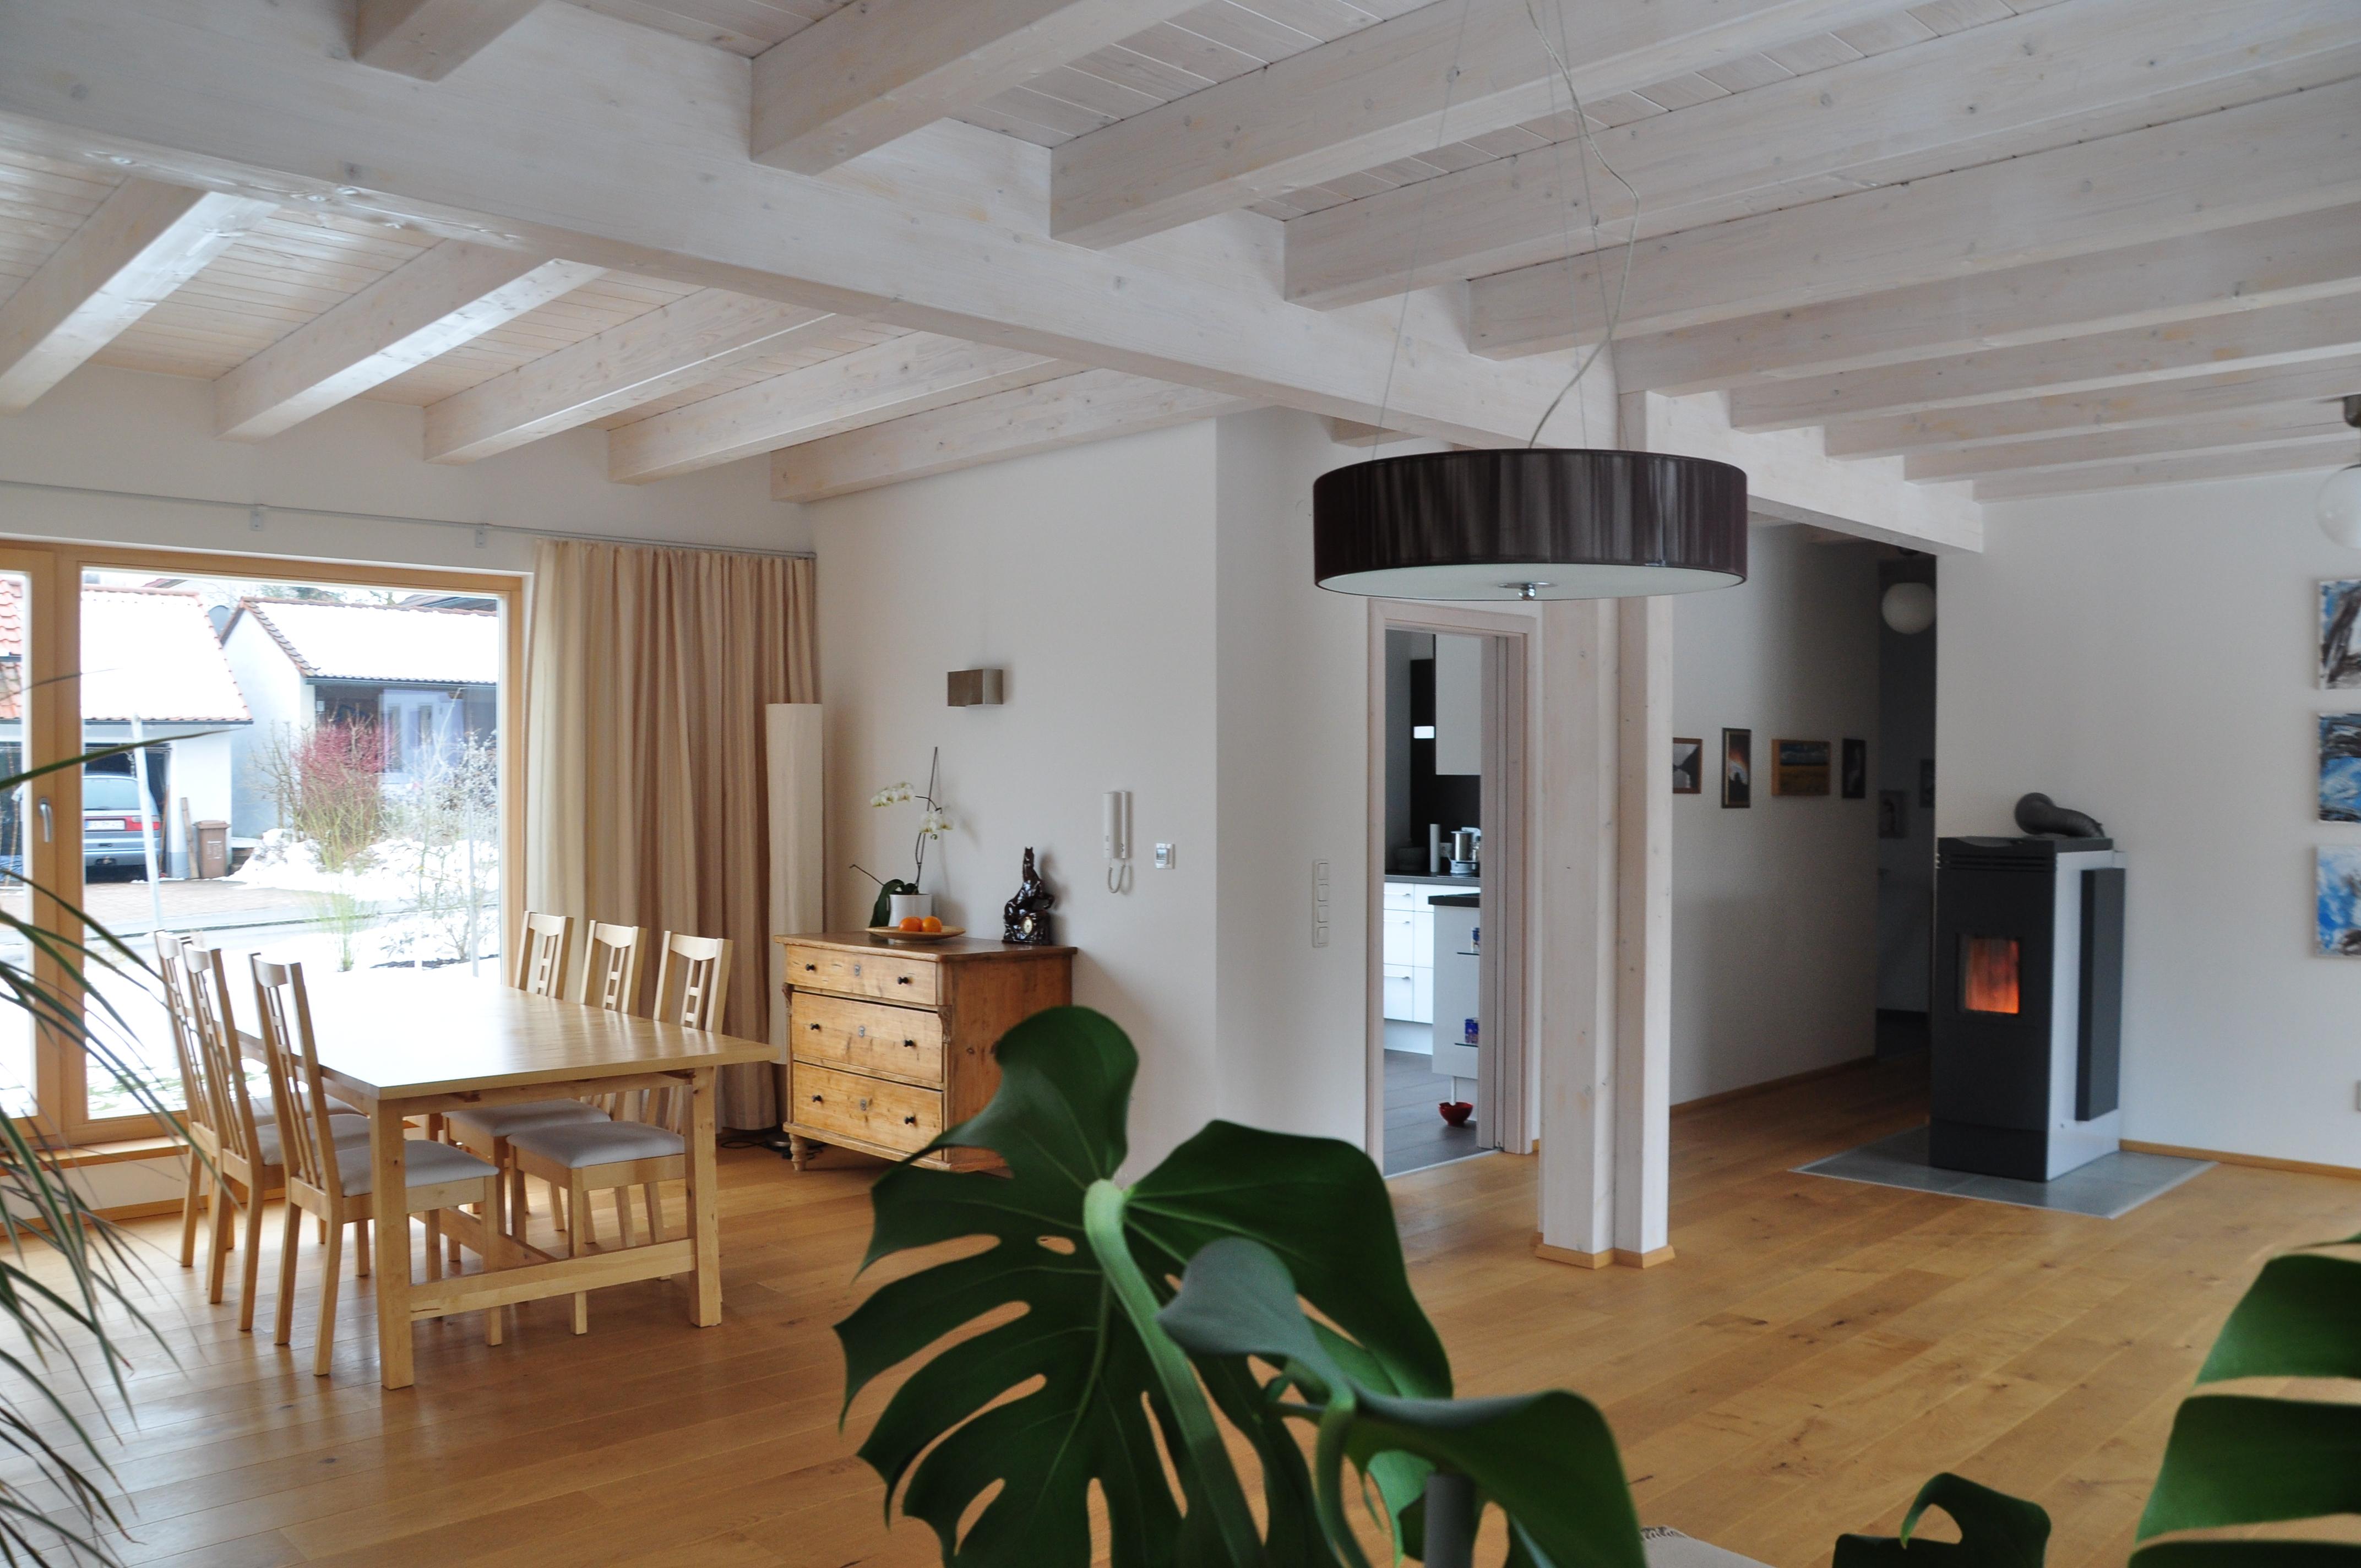 Blick in den Wohnraum des Hauses Polz mit Pelletofen als Primärofen, der für die Aufstellung in Wohnräumen konzipiert ist.